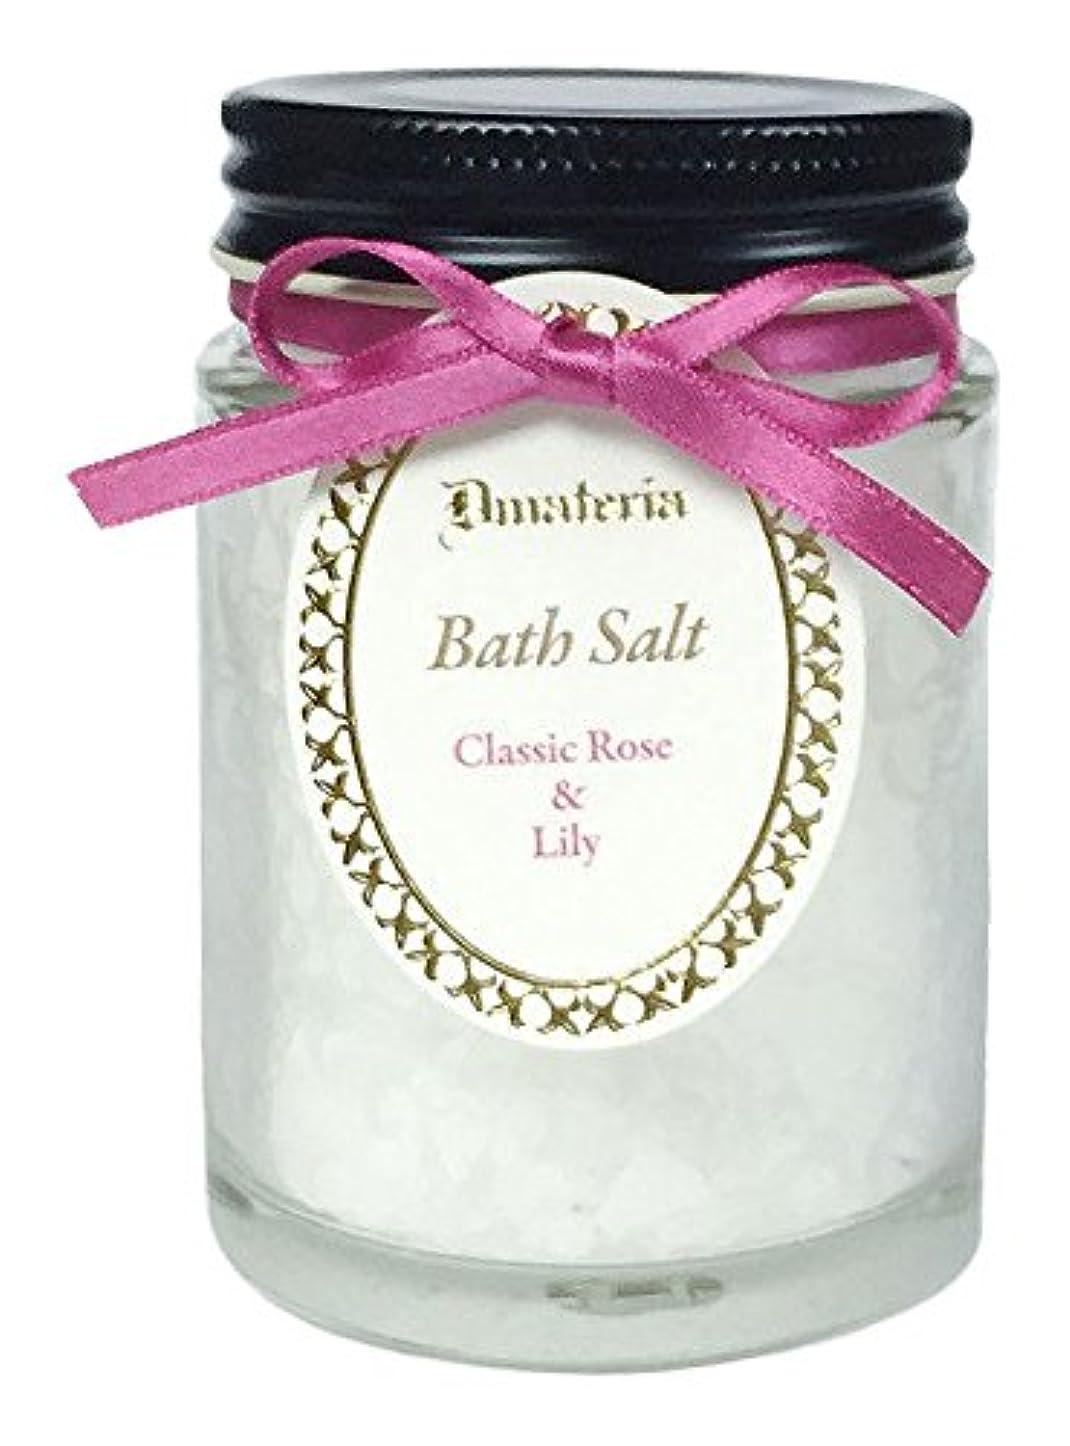 端ガウンコンパクトD materia バスソルト クラシックローズ&リリー Classic Rose&Lily Bath Salt ディーマテリア